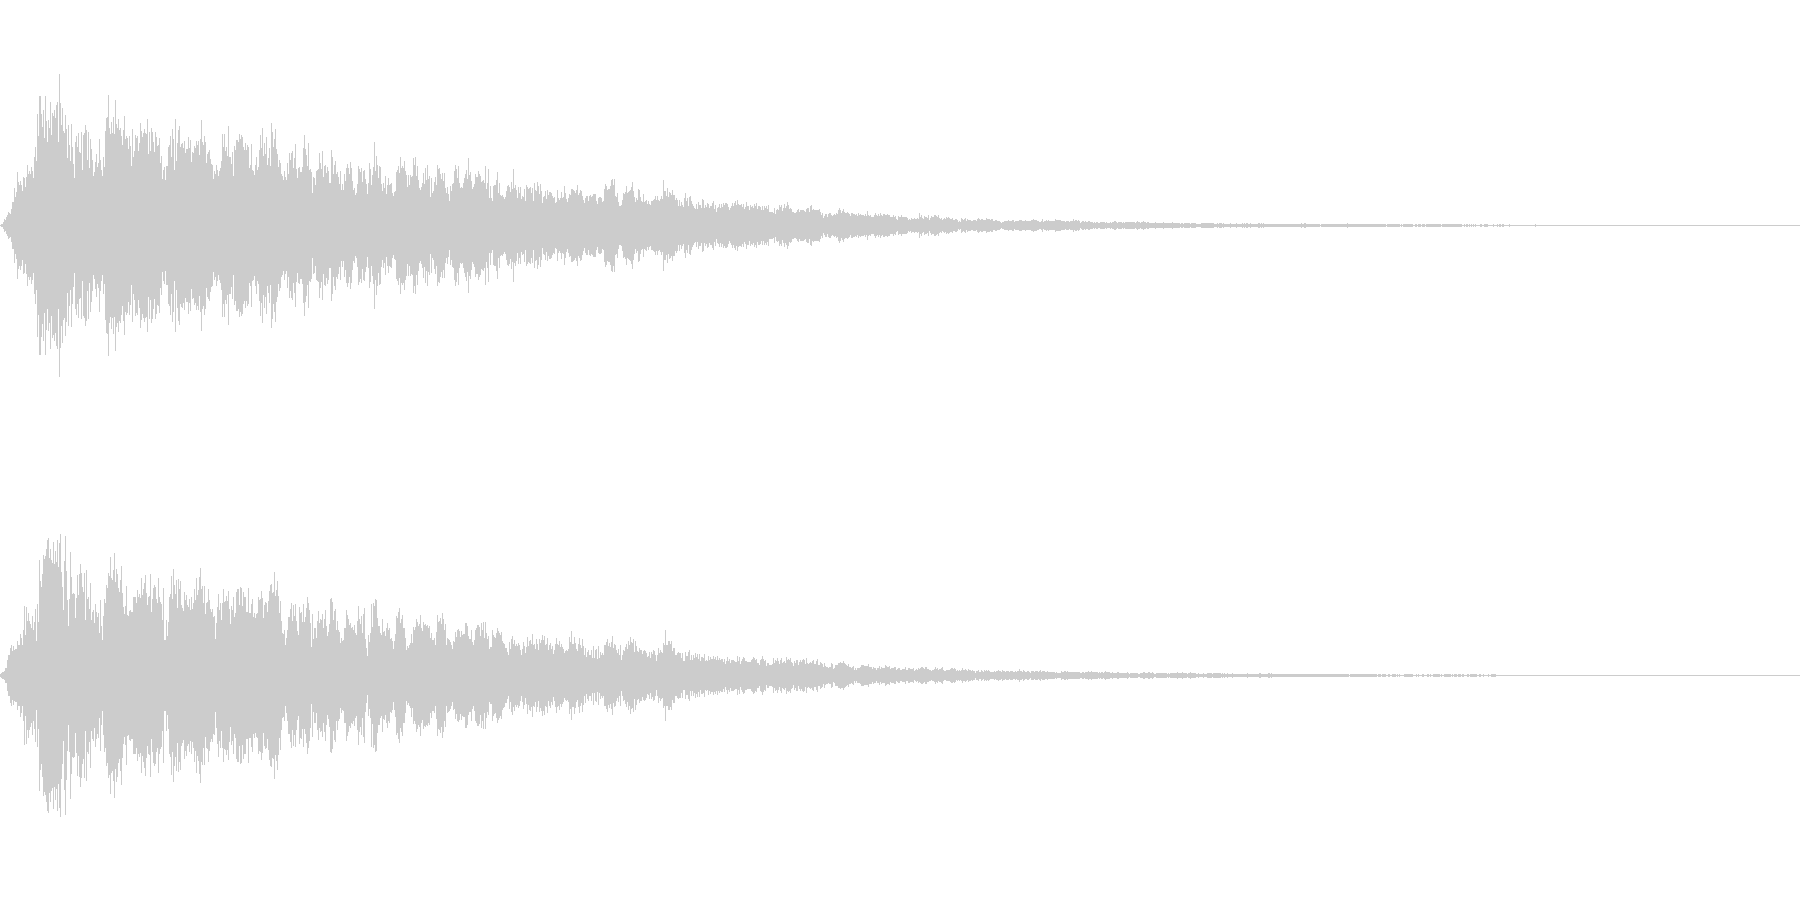 かわいい系 キラキラ系 光る音05の未再生の波形